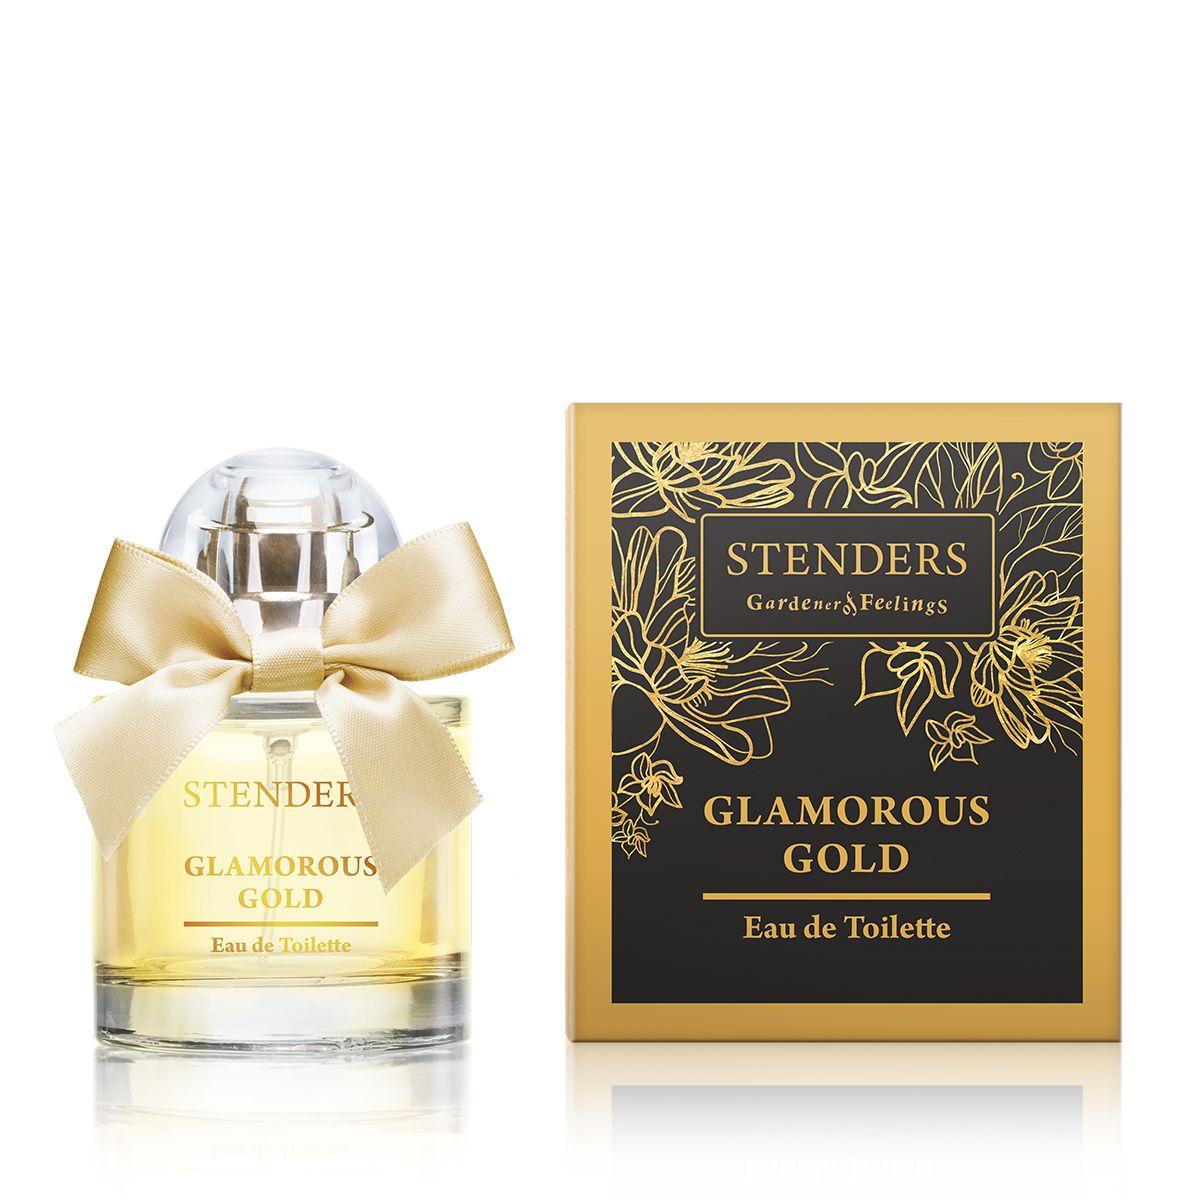 Stenders Туалетная вода Glamorous Gold, 50 мл28032022Этот чарующий, роскошный аромат раскрывается утонченными восточными нотками, которые переплетаются с бодрящими, фруктовыми нотками в сердце аромата. А глубину аромату придают бархатистый древесный аромат и нотки мускуса, создавая ощущение великолепия и совершенства.